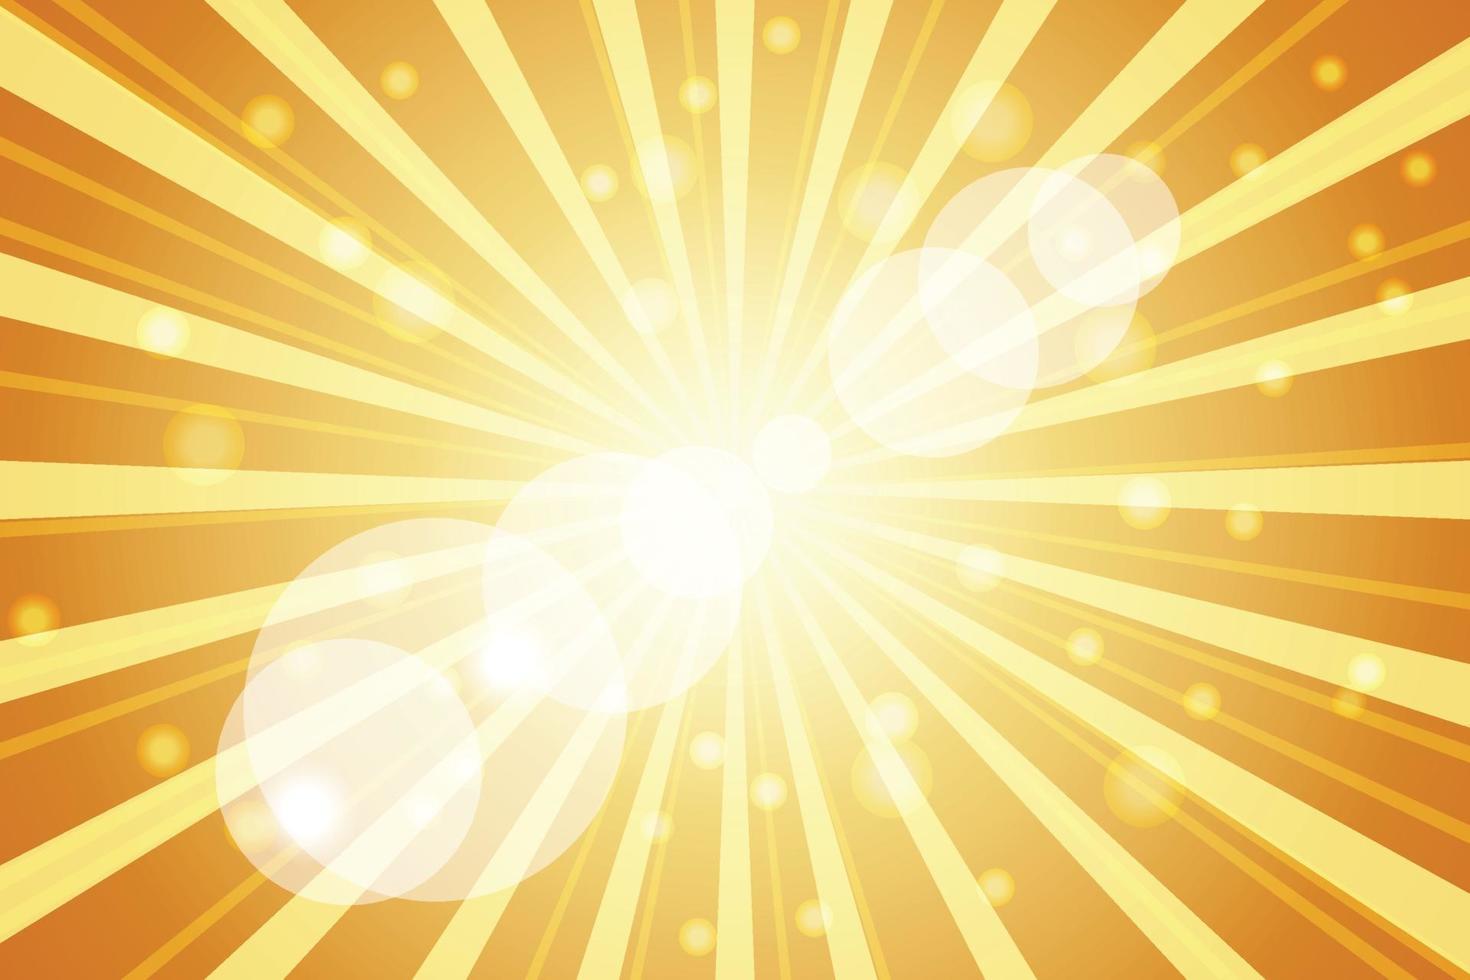 Ilustración de rayos de sol sobre fondo naranja vector